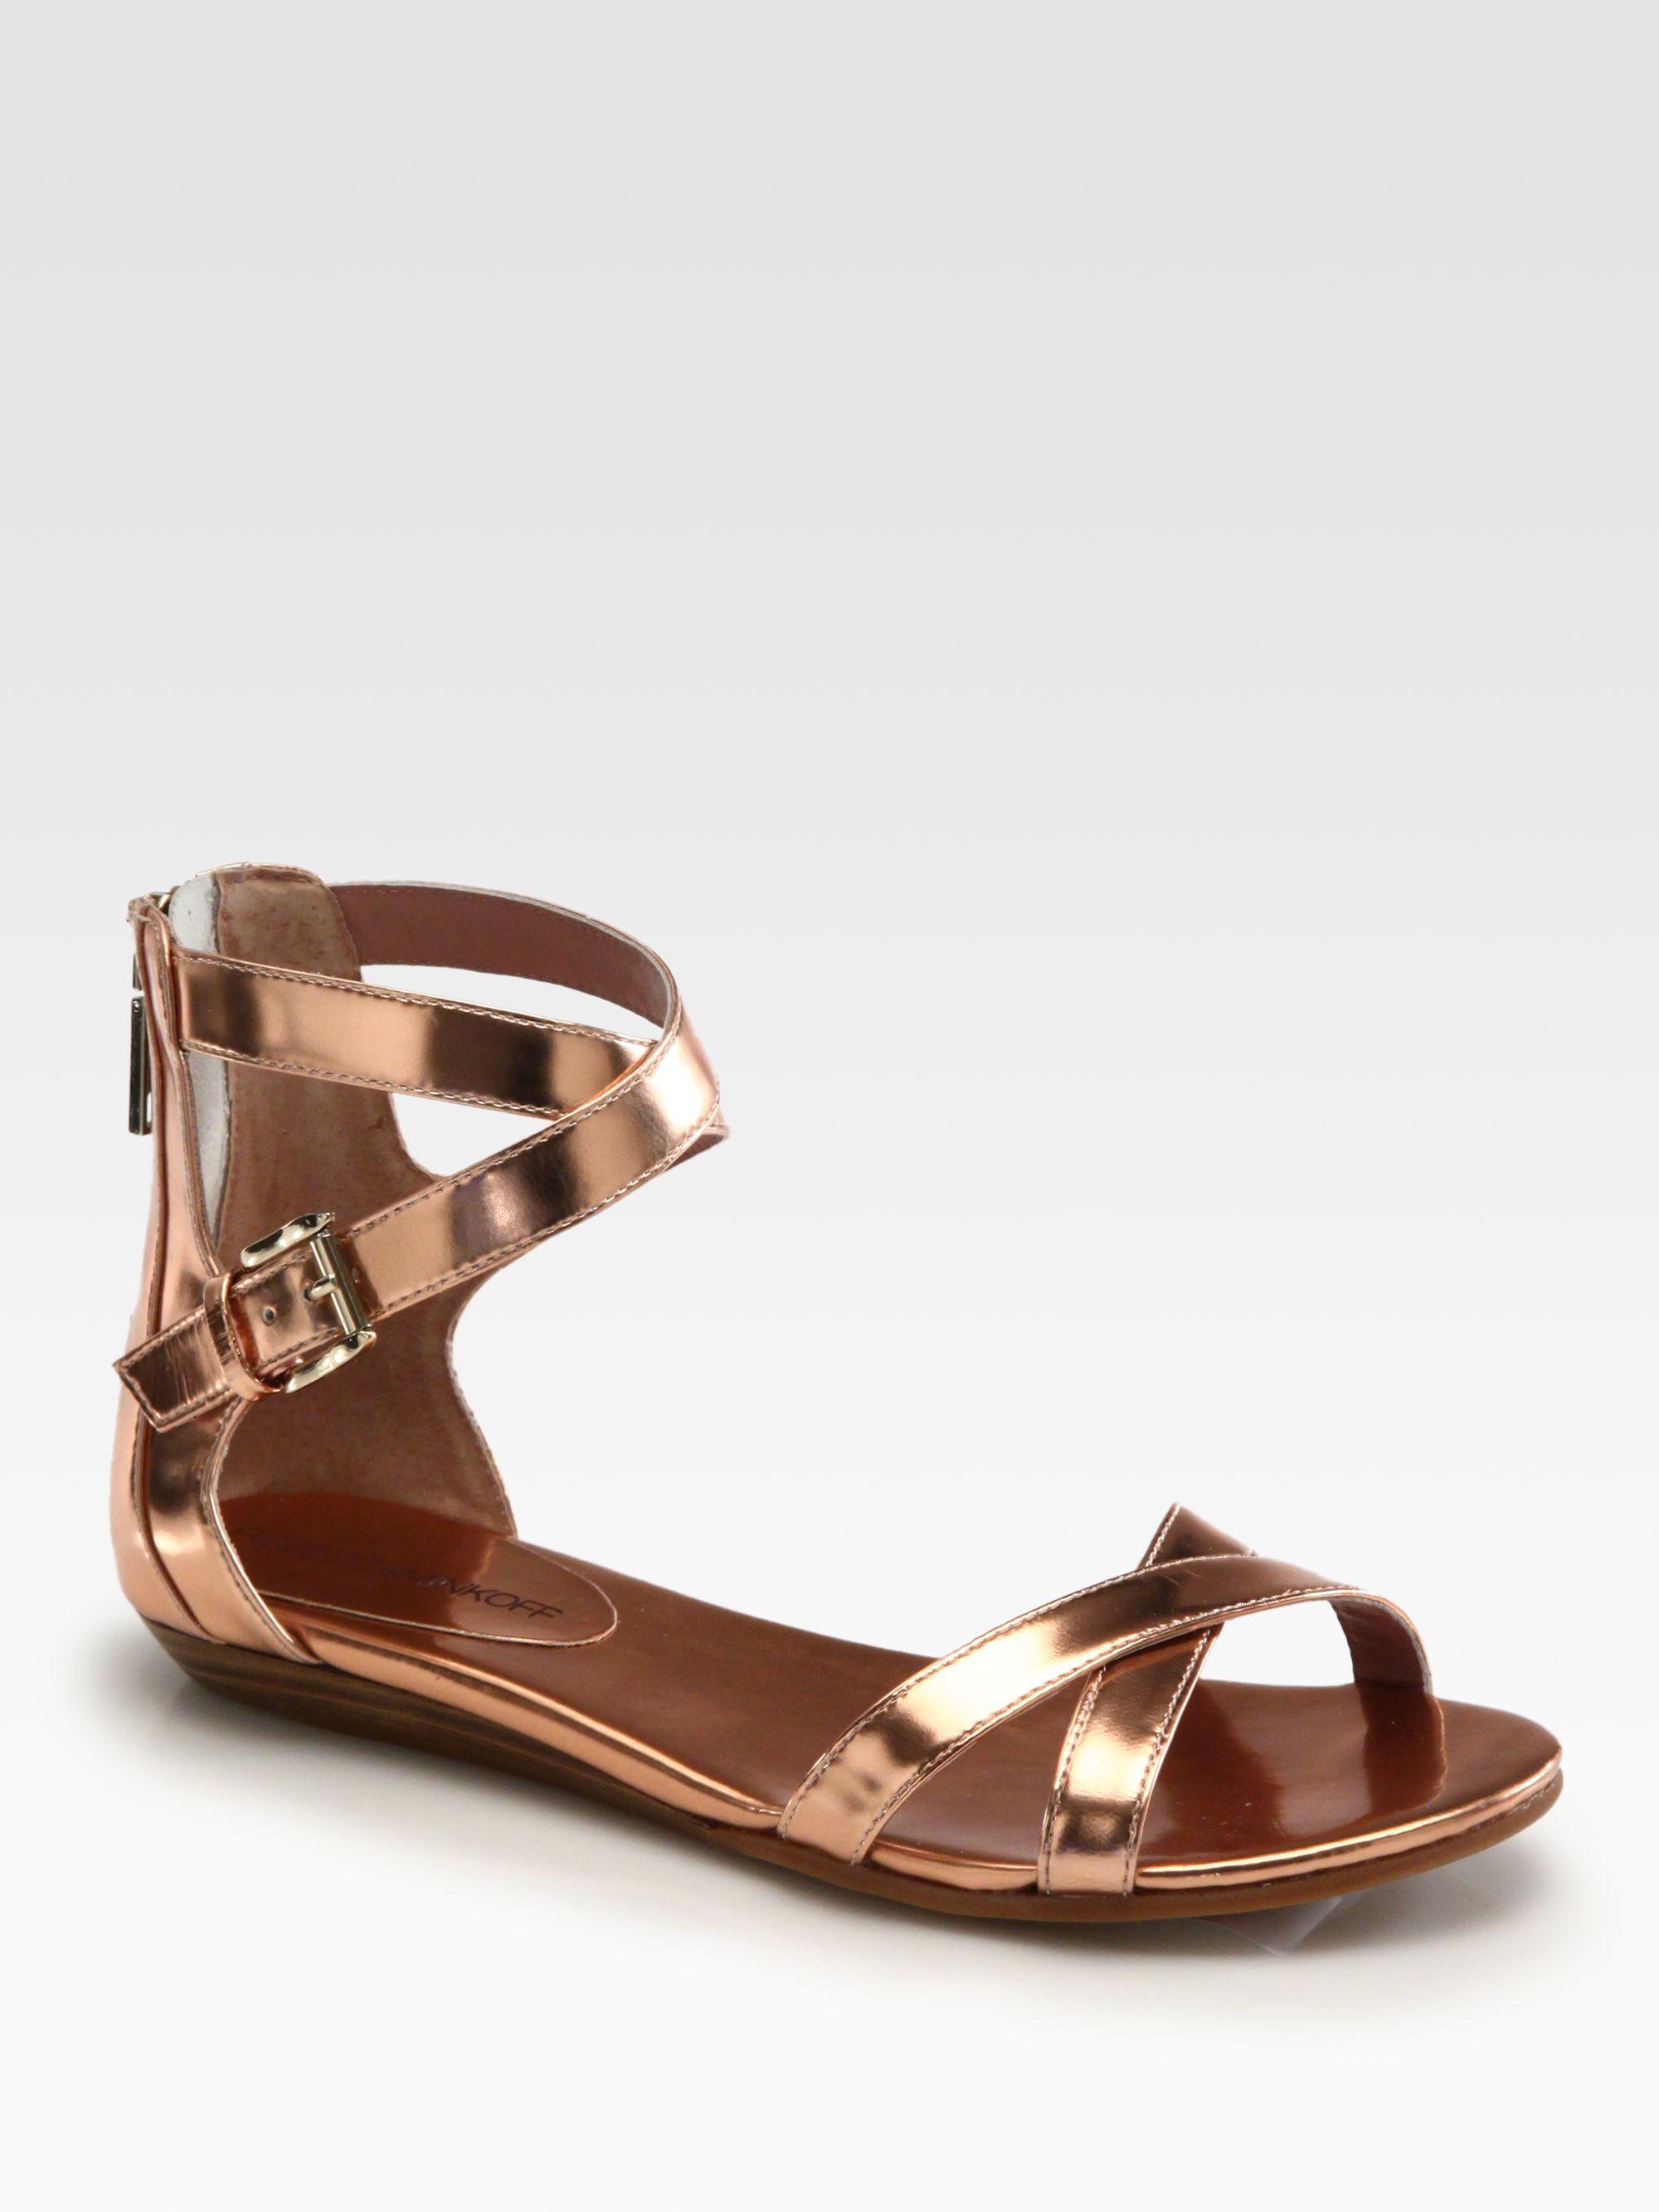 3b7ac289c27f7 Lyst - Rebecca Minkoff Bettina Metallic Leather Sandals in Metallic